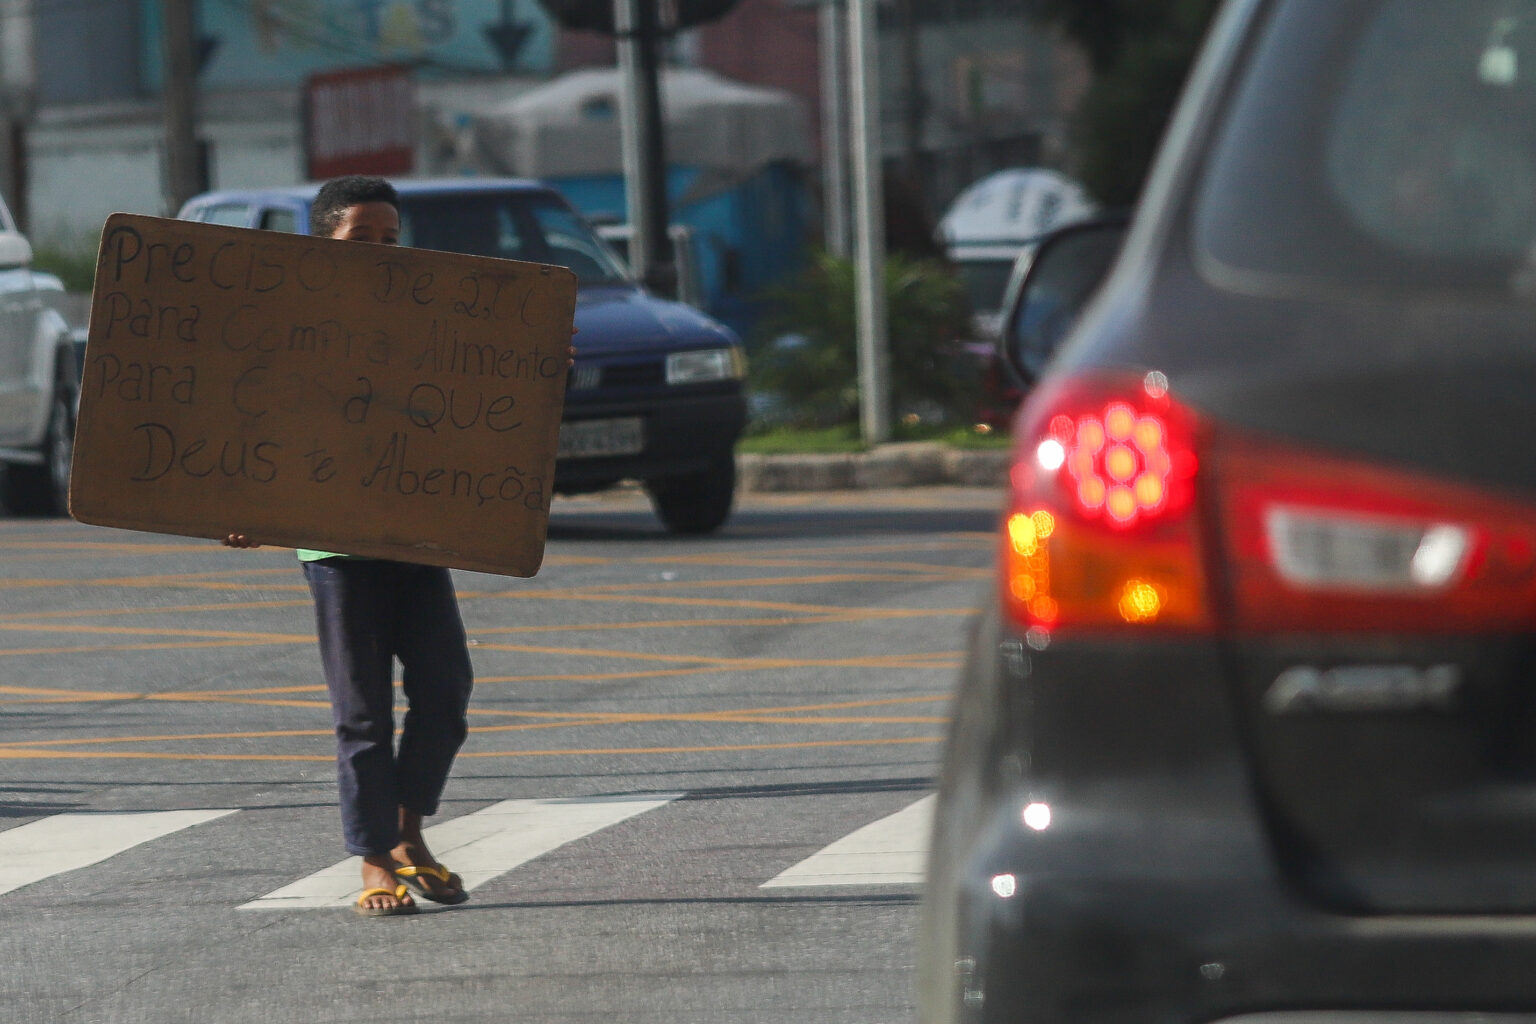 Menino na rua em Belo Horizonte: quanto pior a situação de vulnerabilidade de uma família, maior o risco de exploração e mais degradante o trabalho exercido. (Foto: Joana Suarez/Lição de Casa)